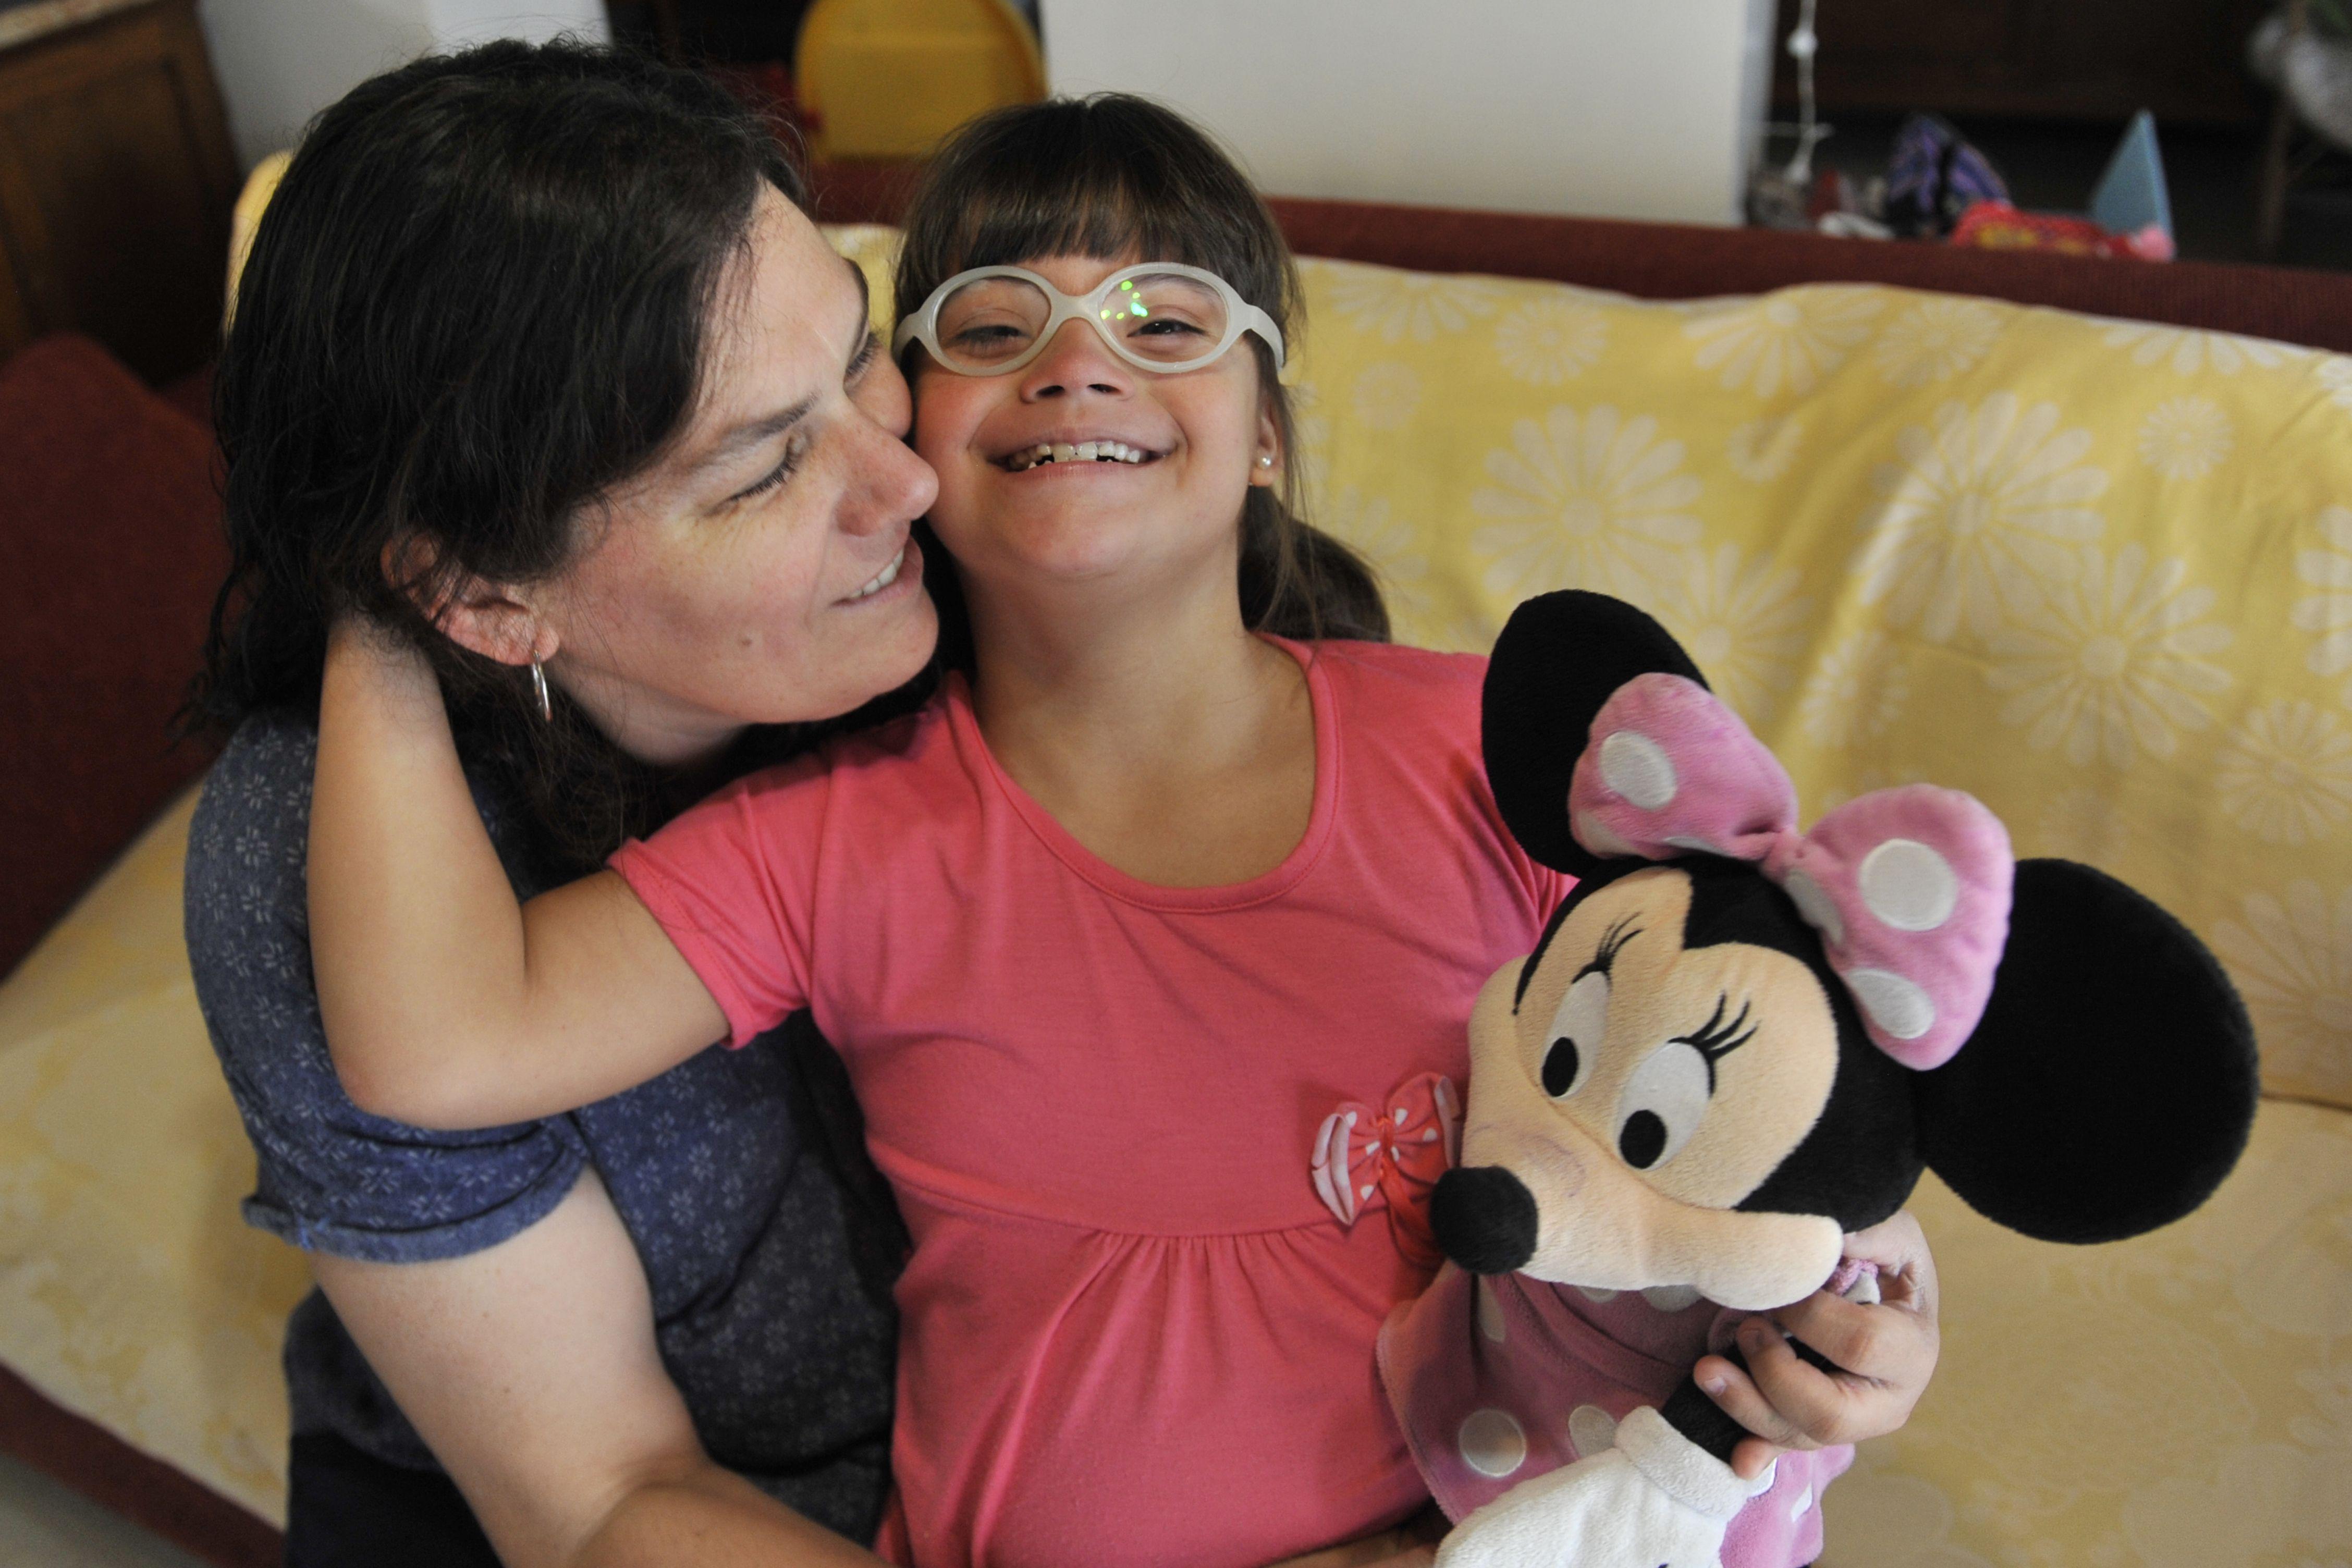 Cristina Milito y su hija Ana Paula. Milito llevó el reclamo a la Defensoría del Pueblo y al fuero federal. (Virginia Benedetto / La Capital)